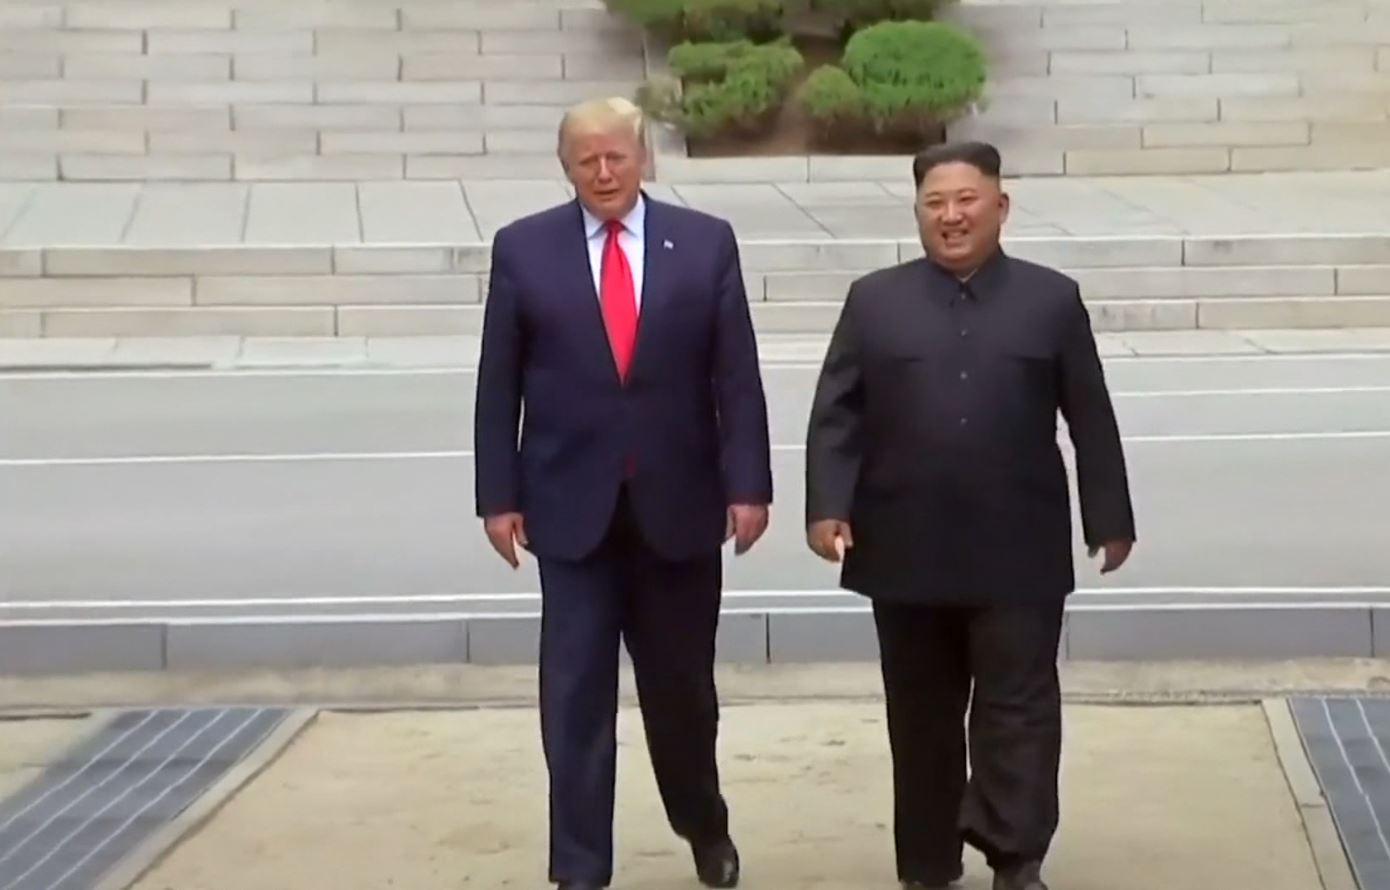 Takimi Trump – Kim, Pompeo: Do të rifillojnë bisedimet për çështjen bërthamore